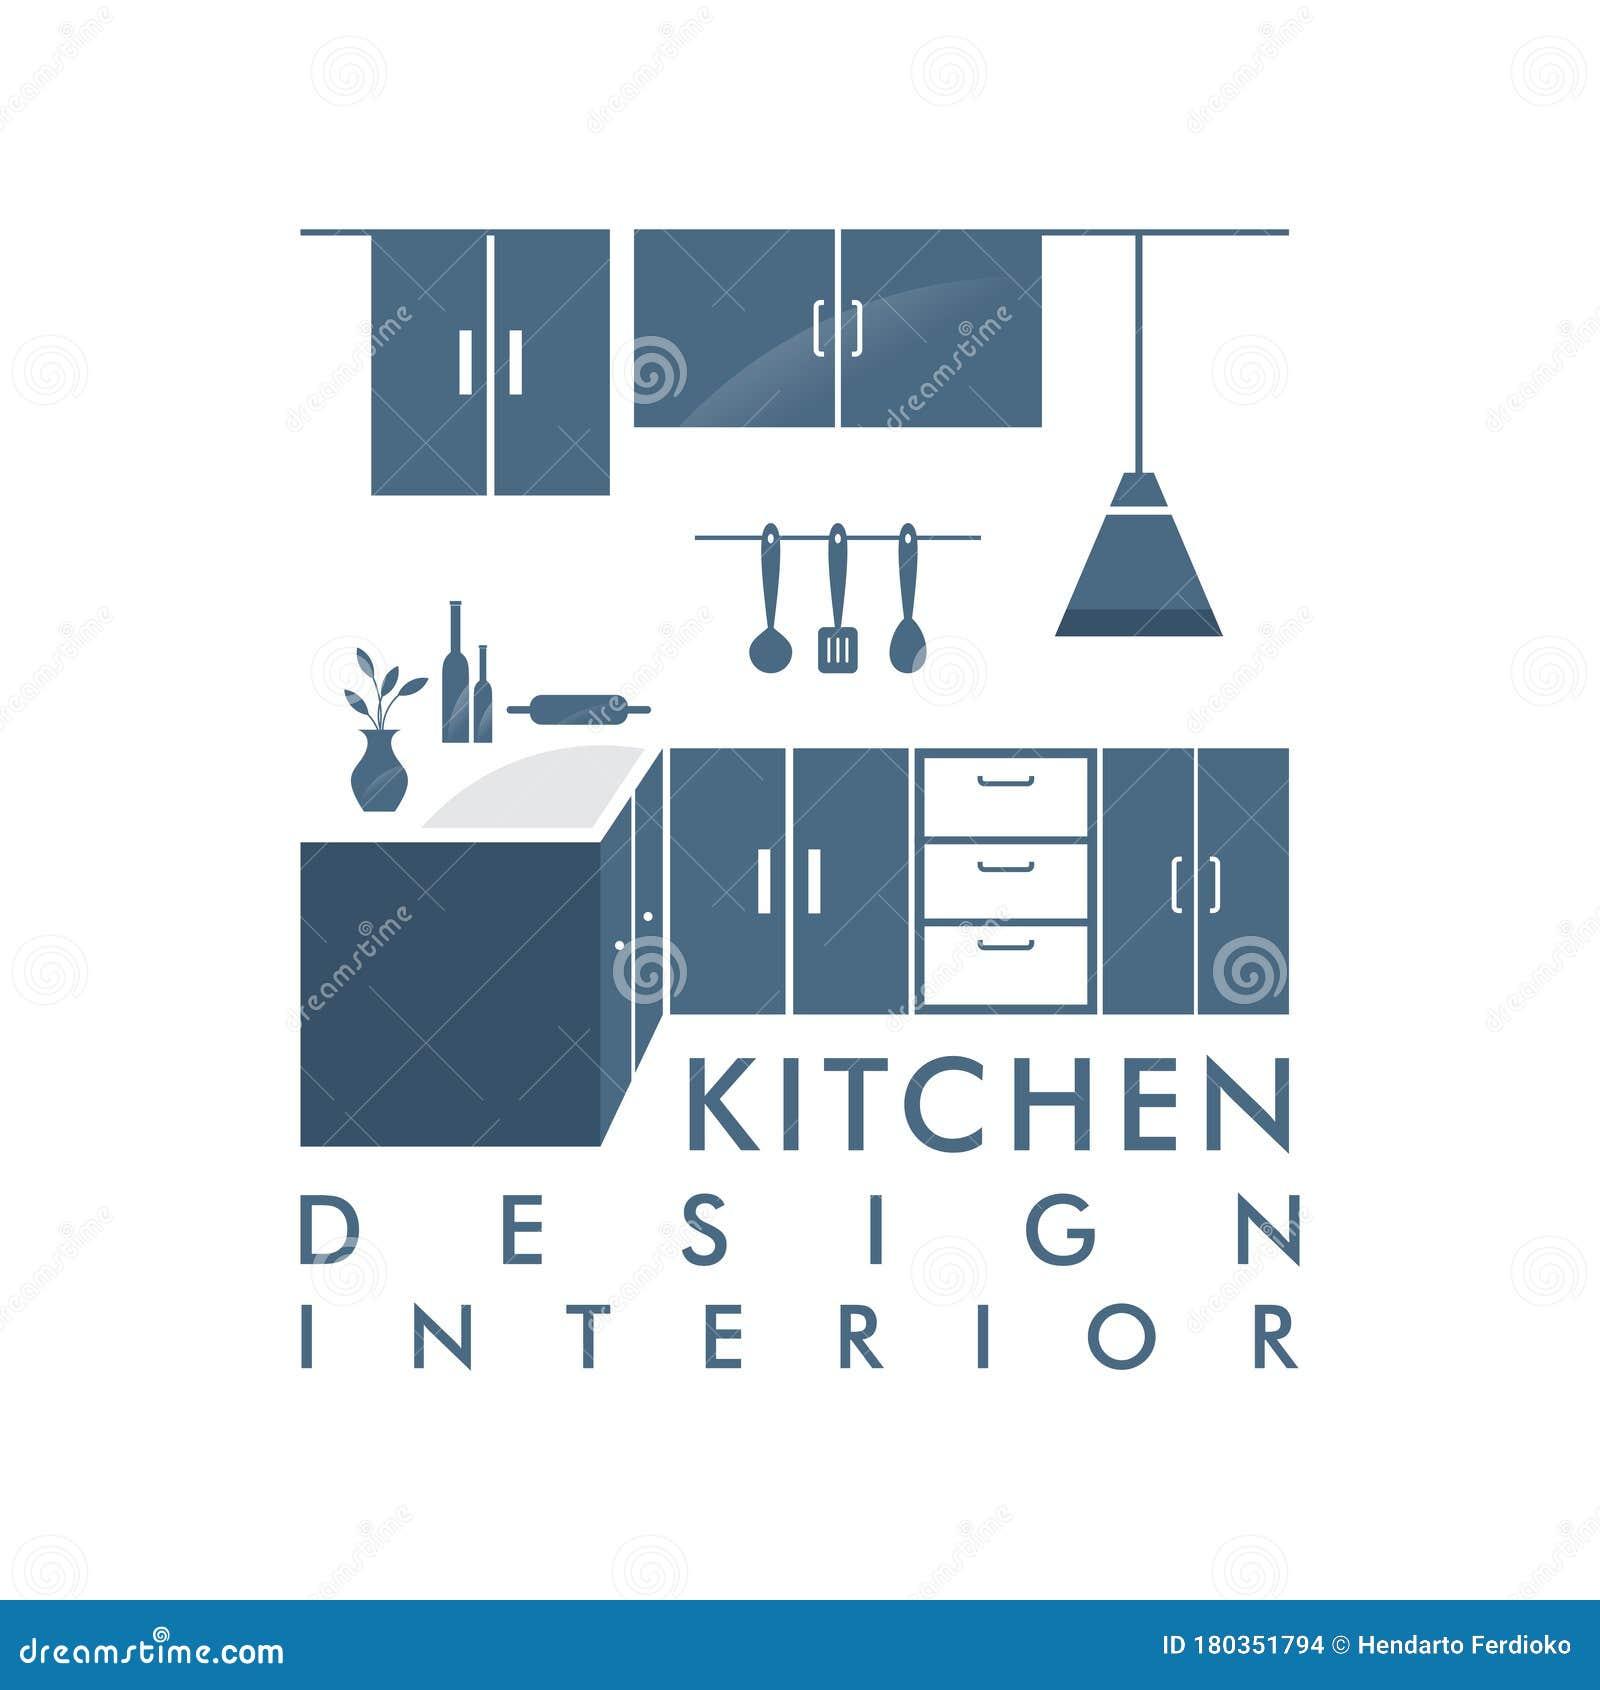 Cabinet Furniture Kitchen Set Interior Graphic Vector Logo Design ...